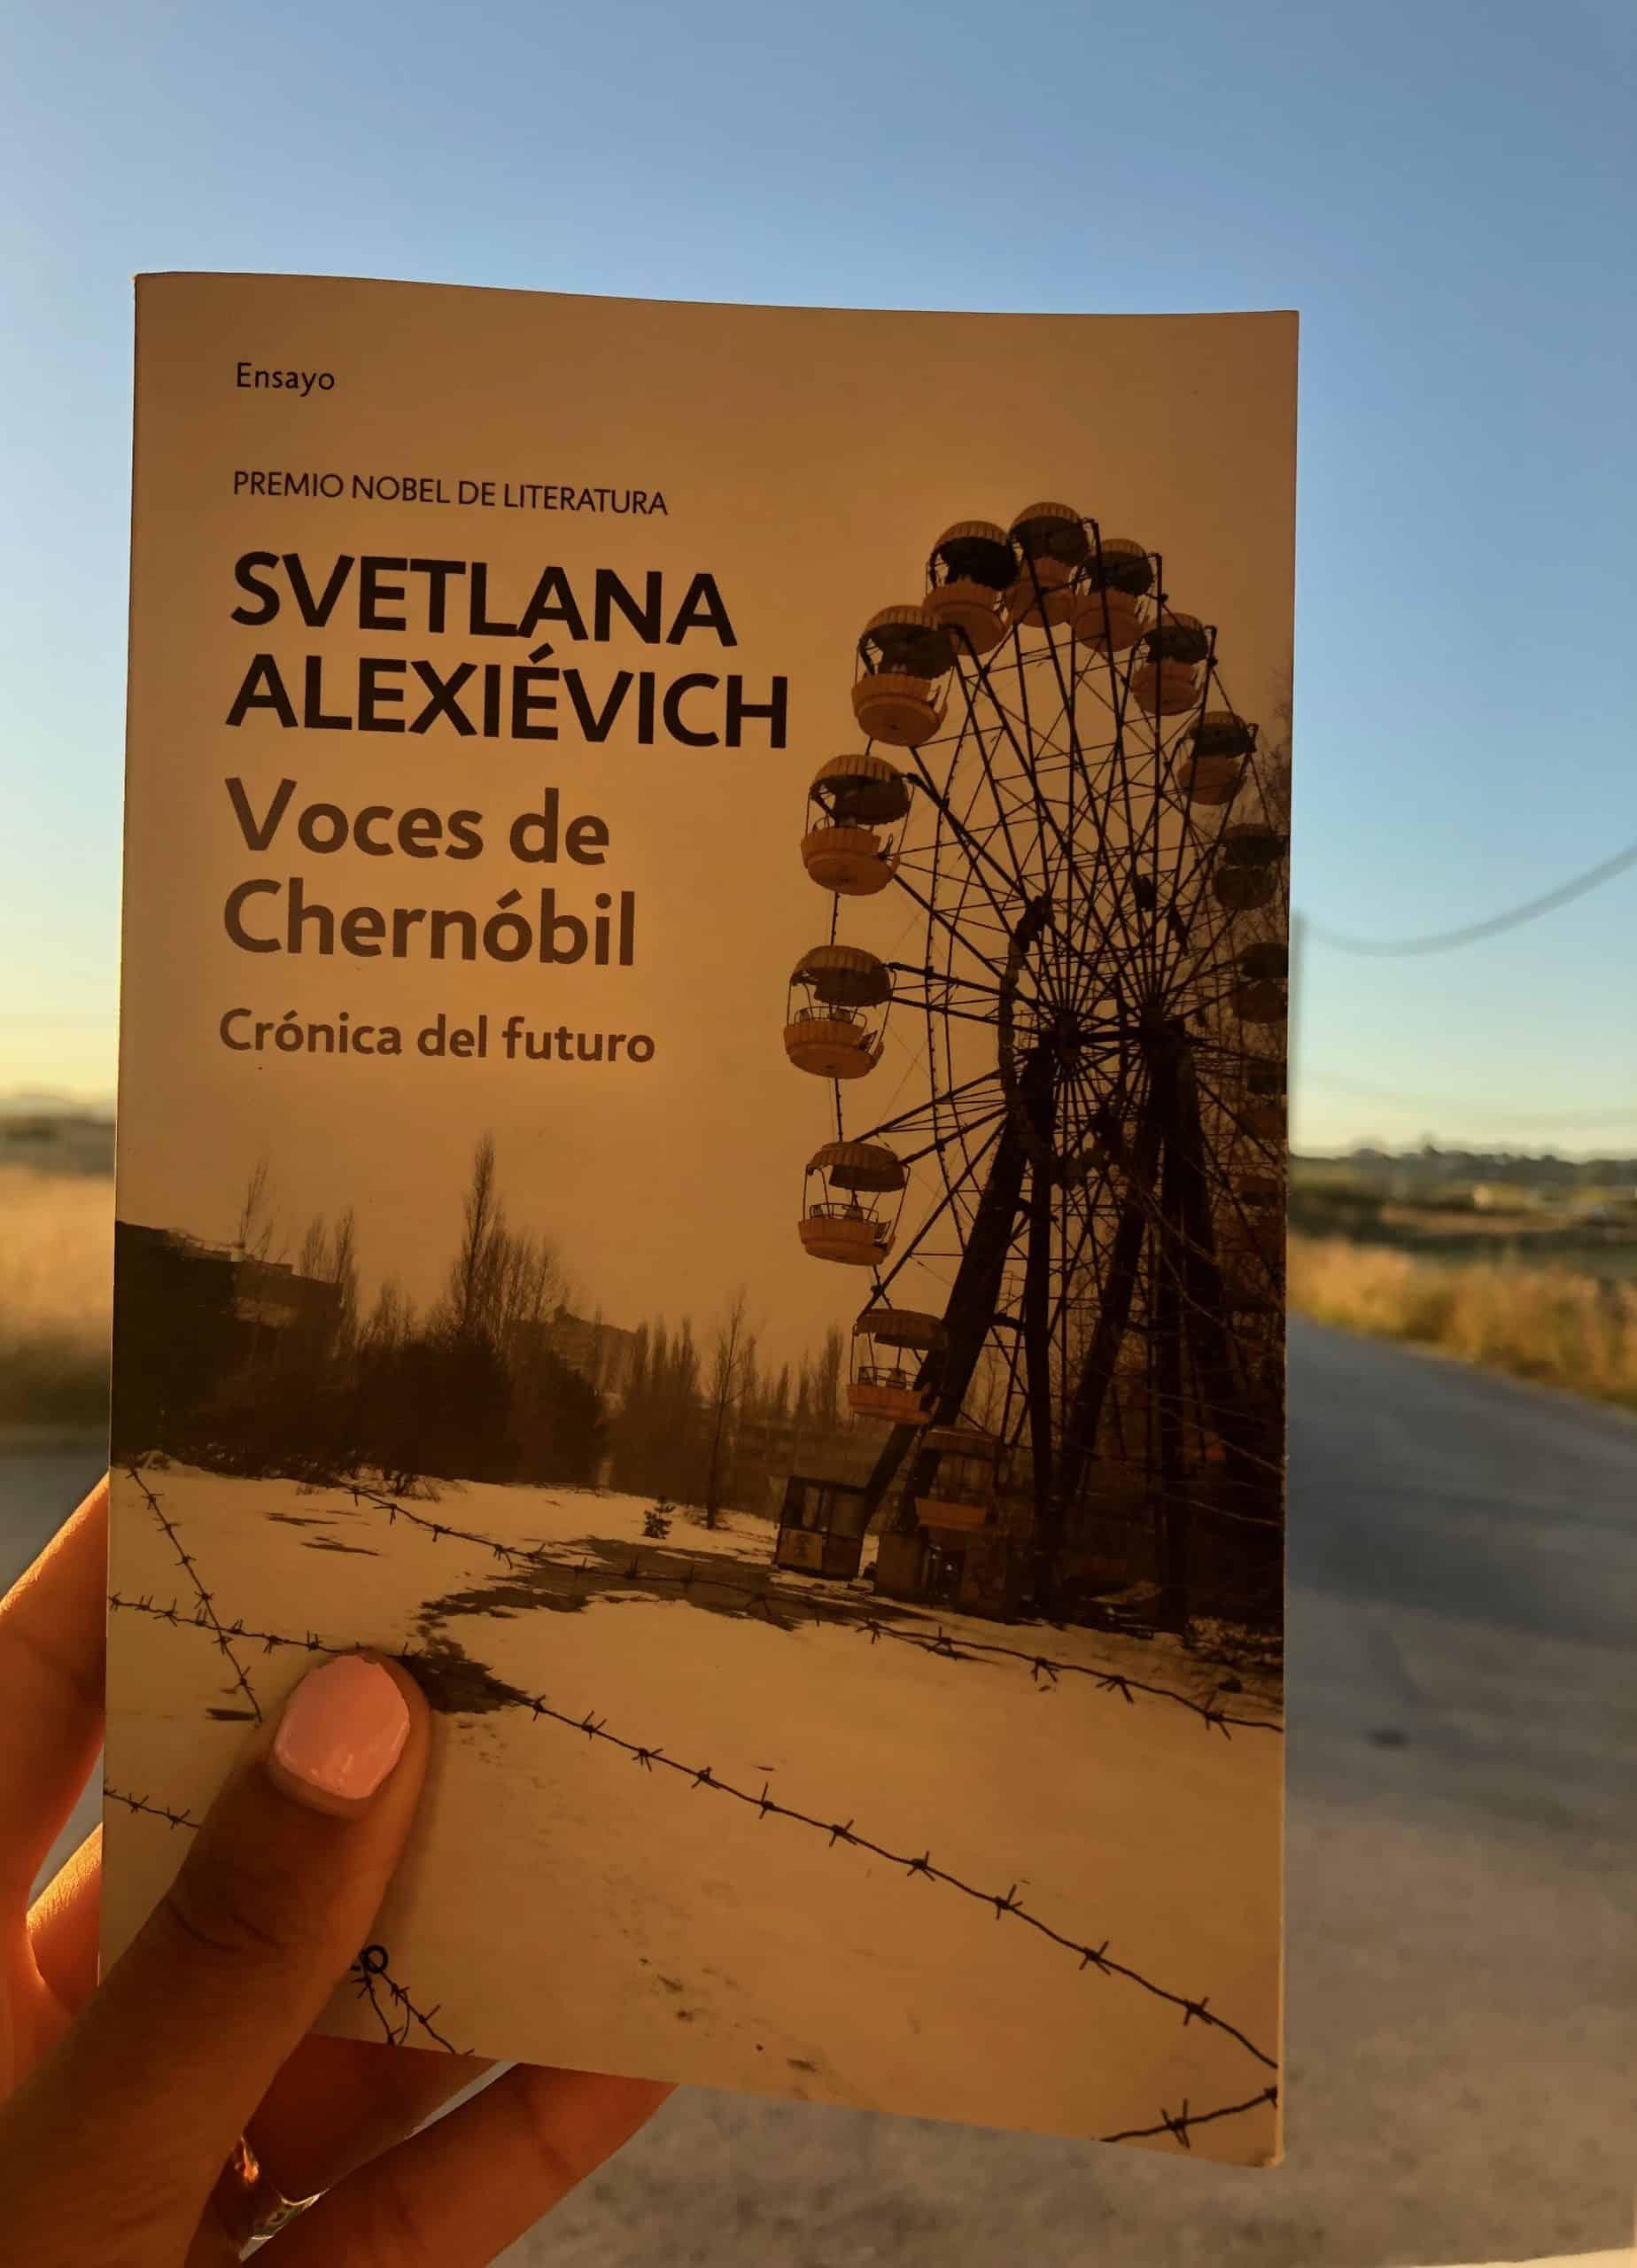 Voces de Chernóbil de Svetlana Alexiévich